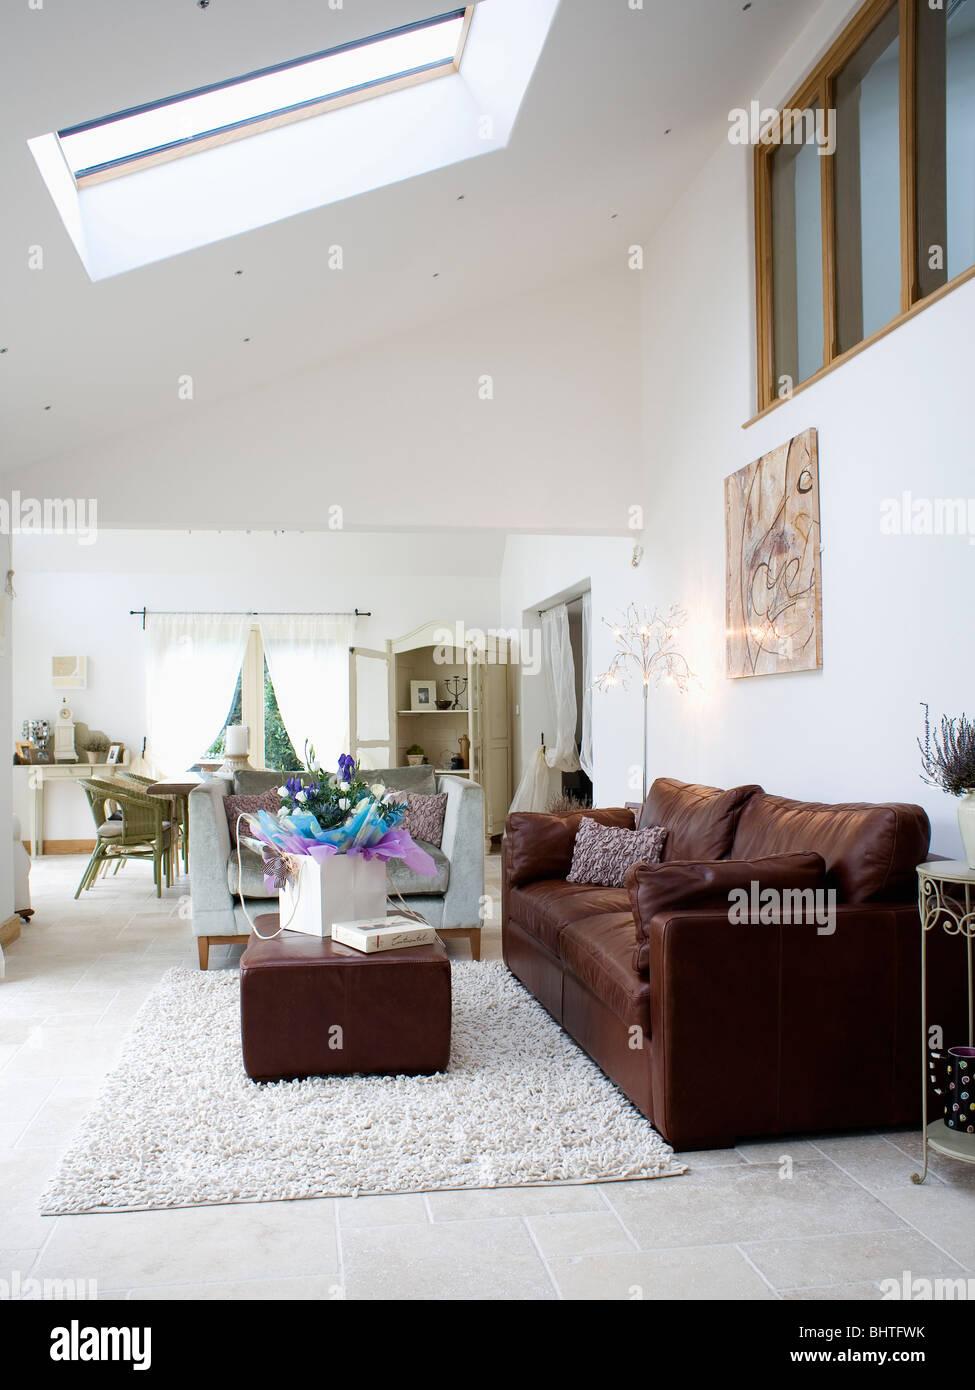 Dimensioni Tappeto Davanti Al Divano divano marrone e pouf in open space soggiorno e sala da